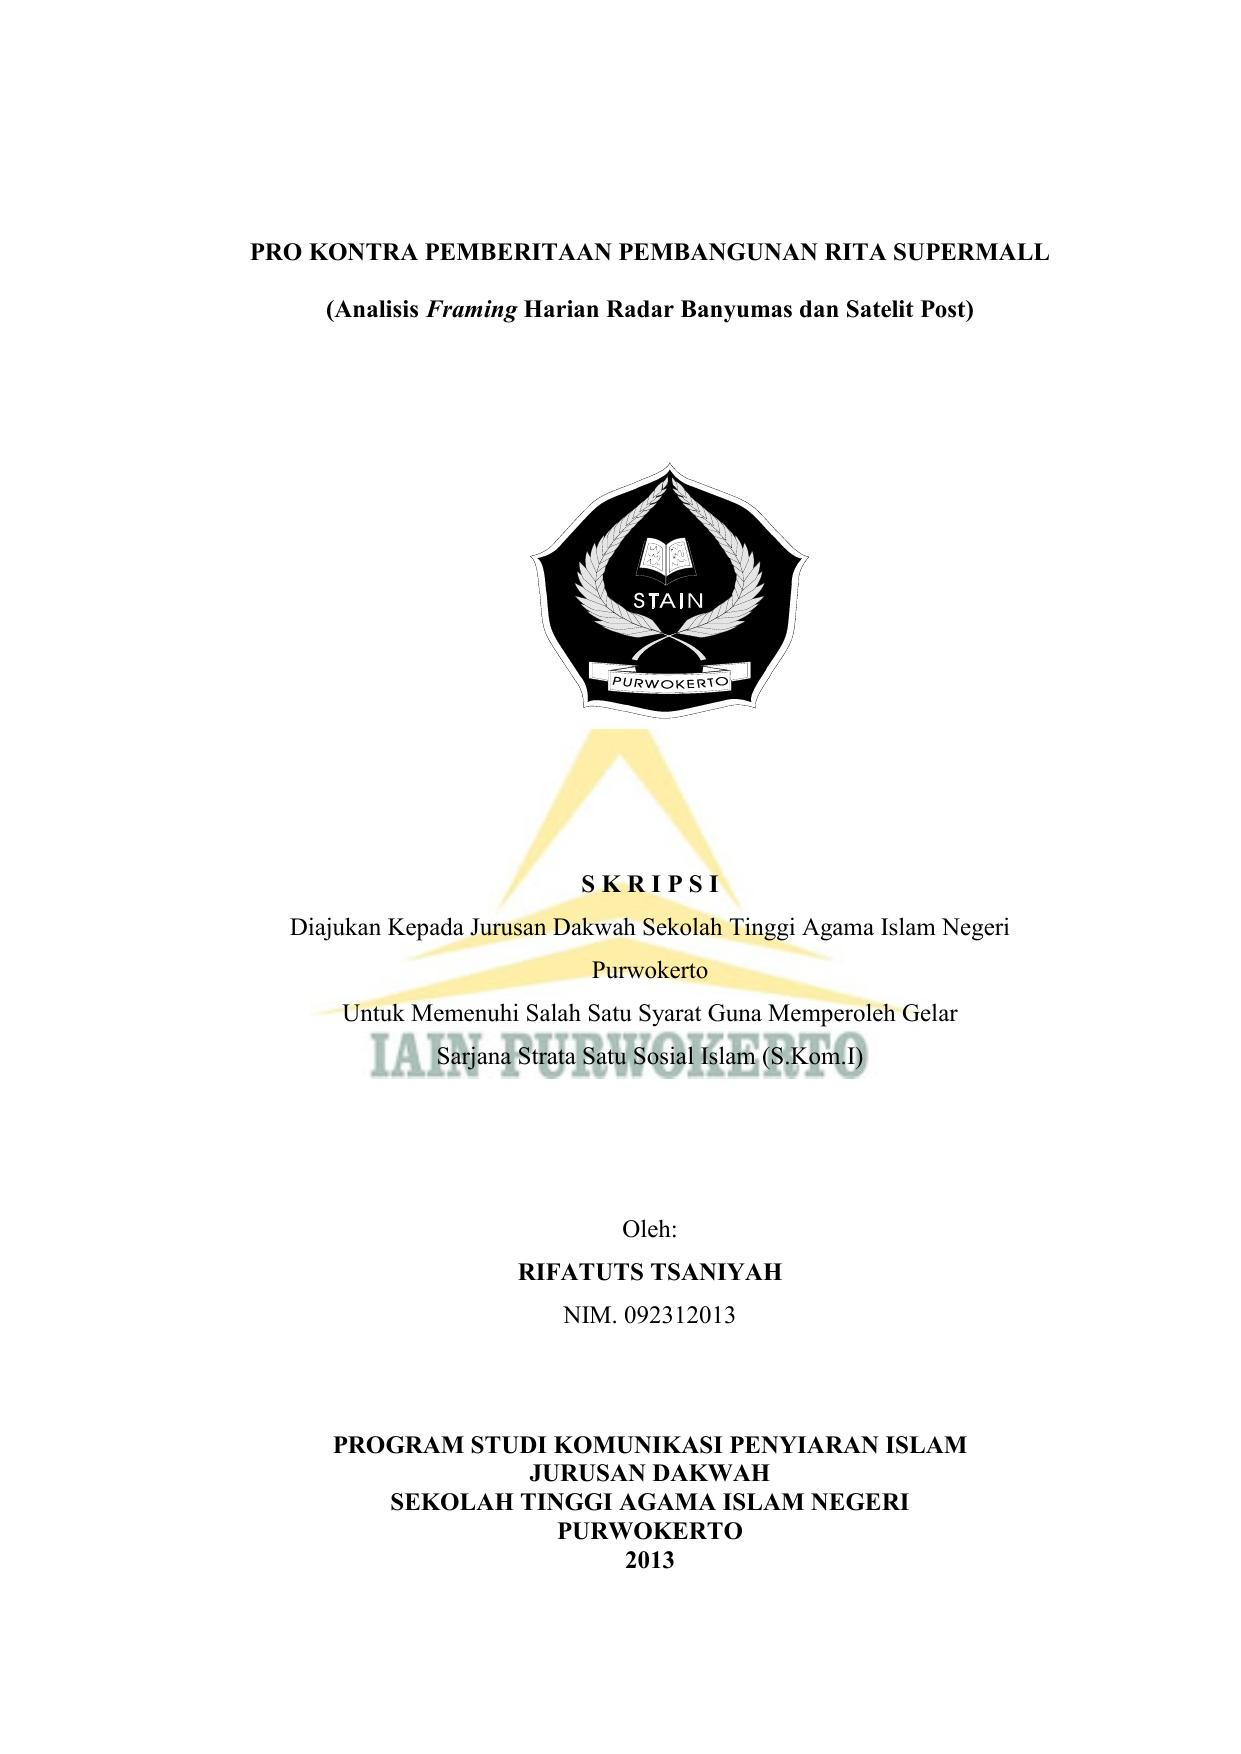 Pro Kontra Pemberitaan Pembangunan Rita Supermall